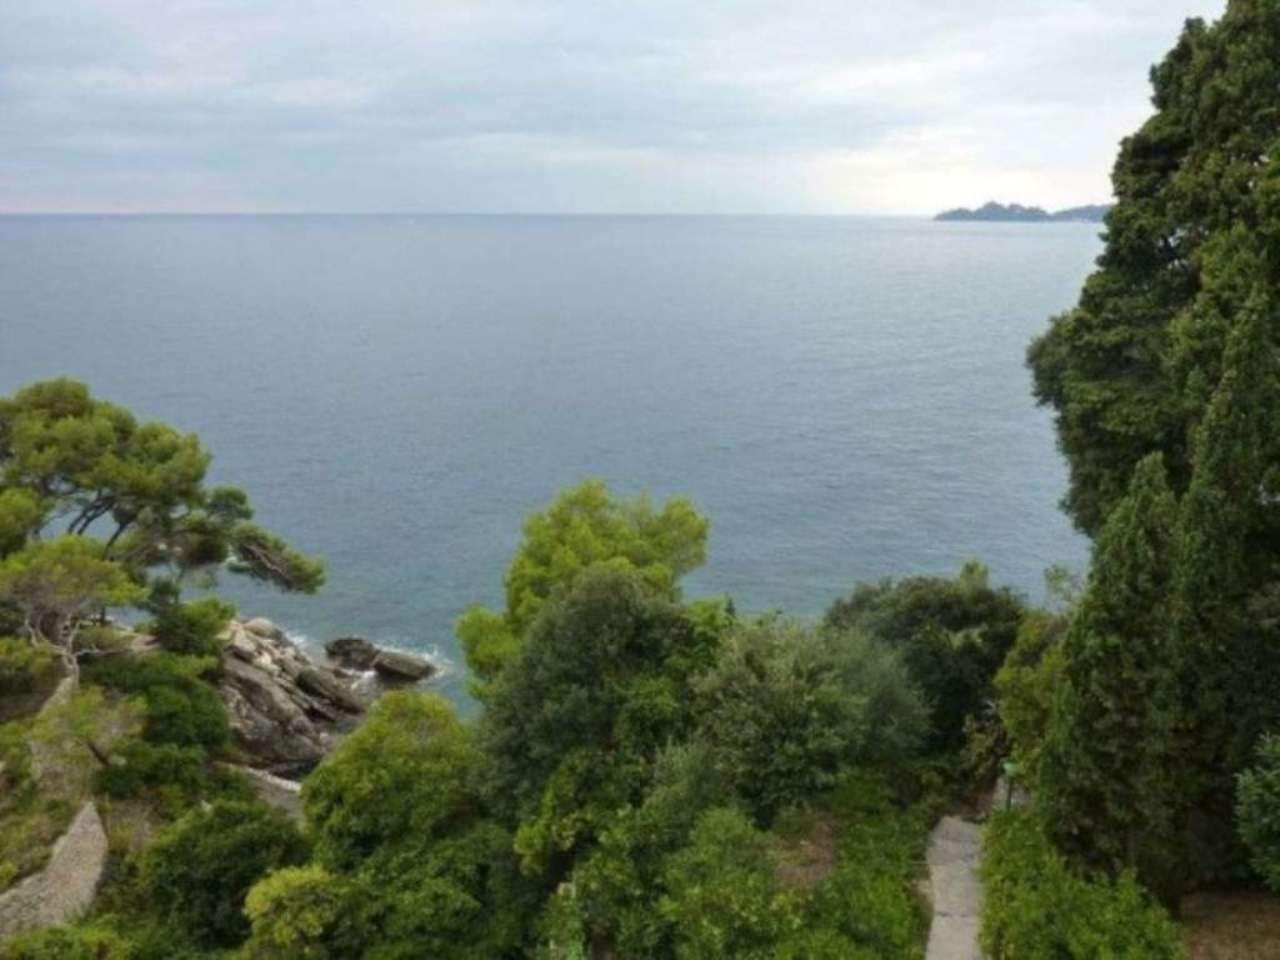 Attico / Mansarda in vendita a Zoagli, 3 locali, prezzo € 560.000 | Cambio Casa.it